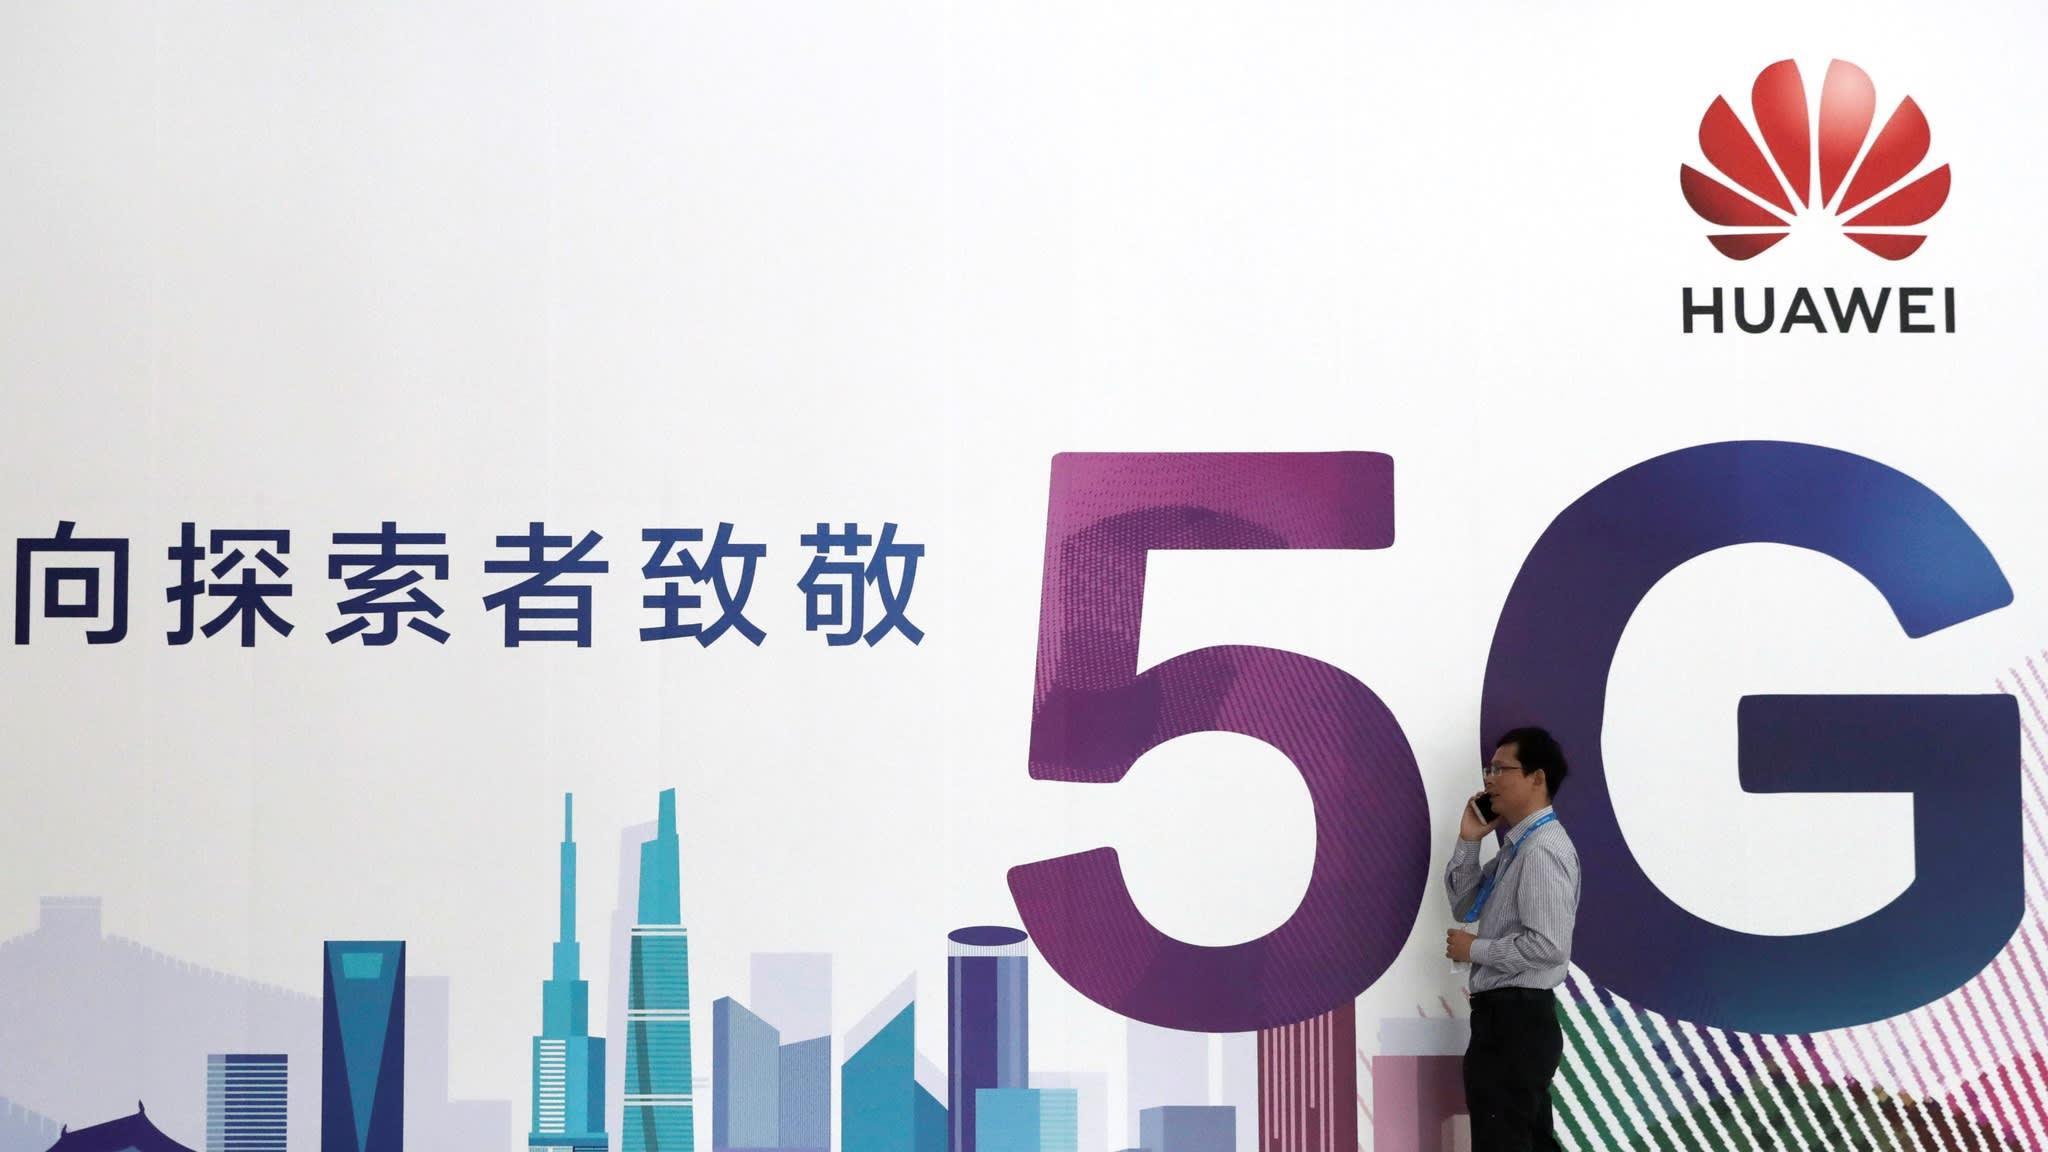 Huawei trung goi thau 5G tai Duc nhung chua the an mung hinh anh 1 Z10012122019-copy.jpg